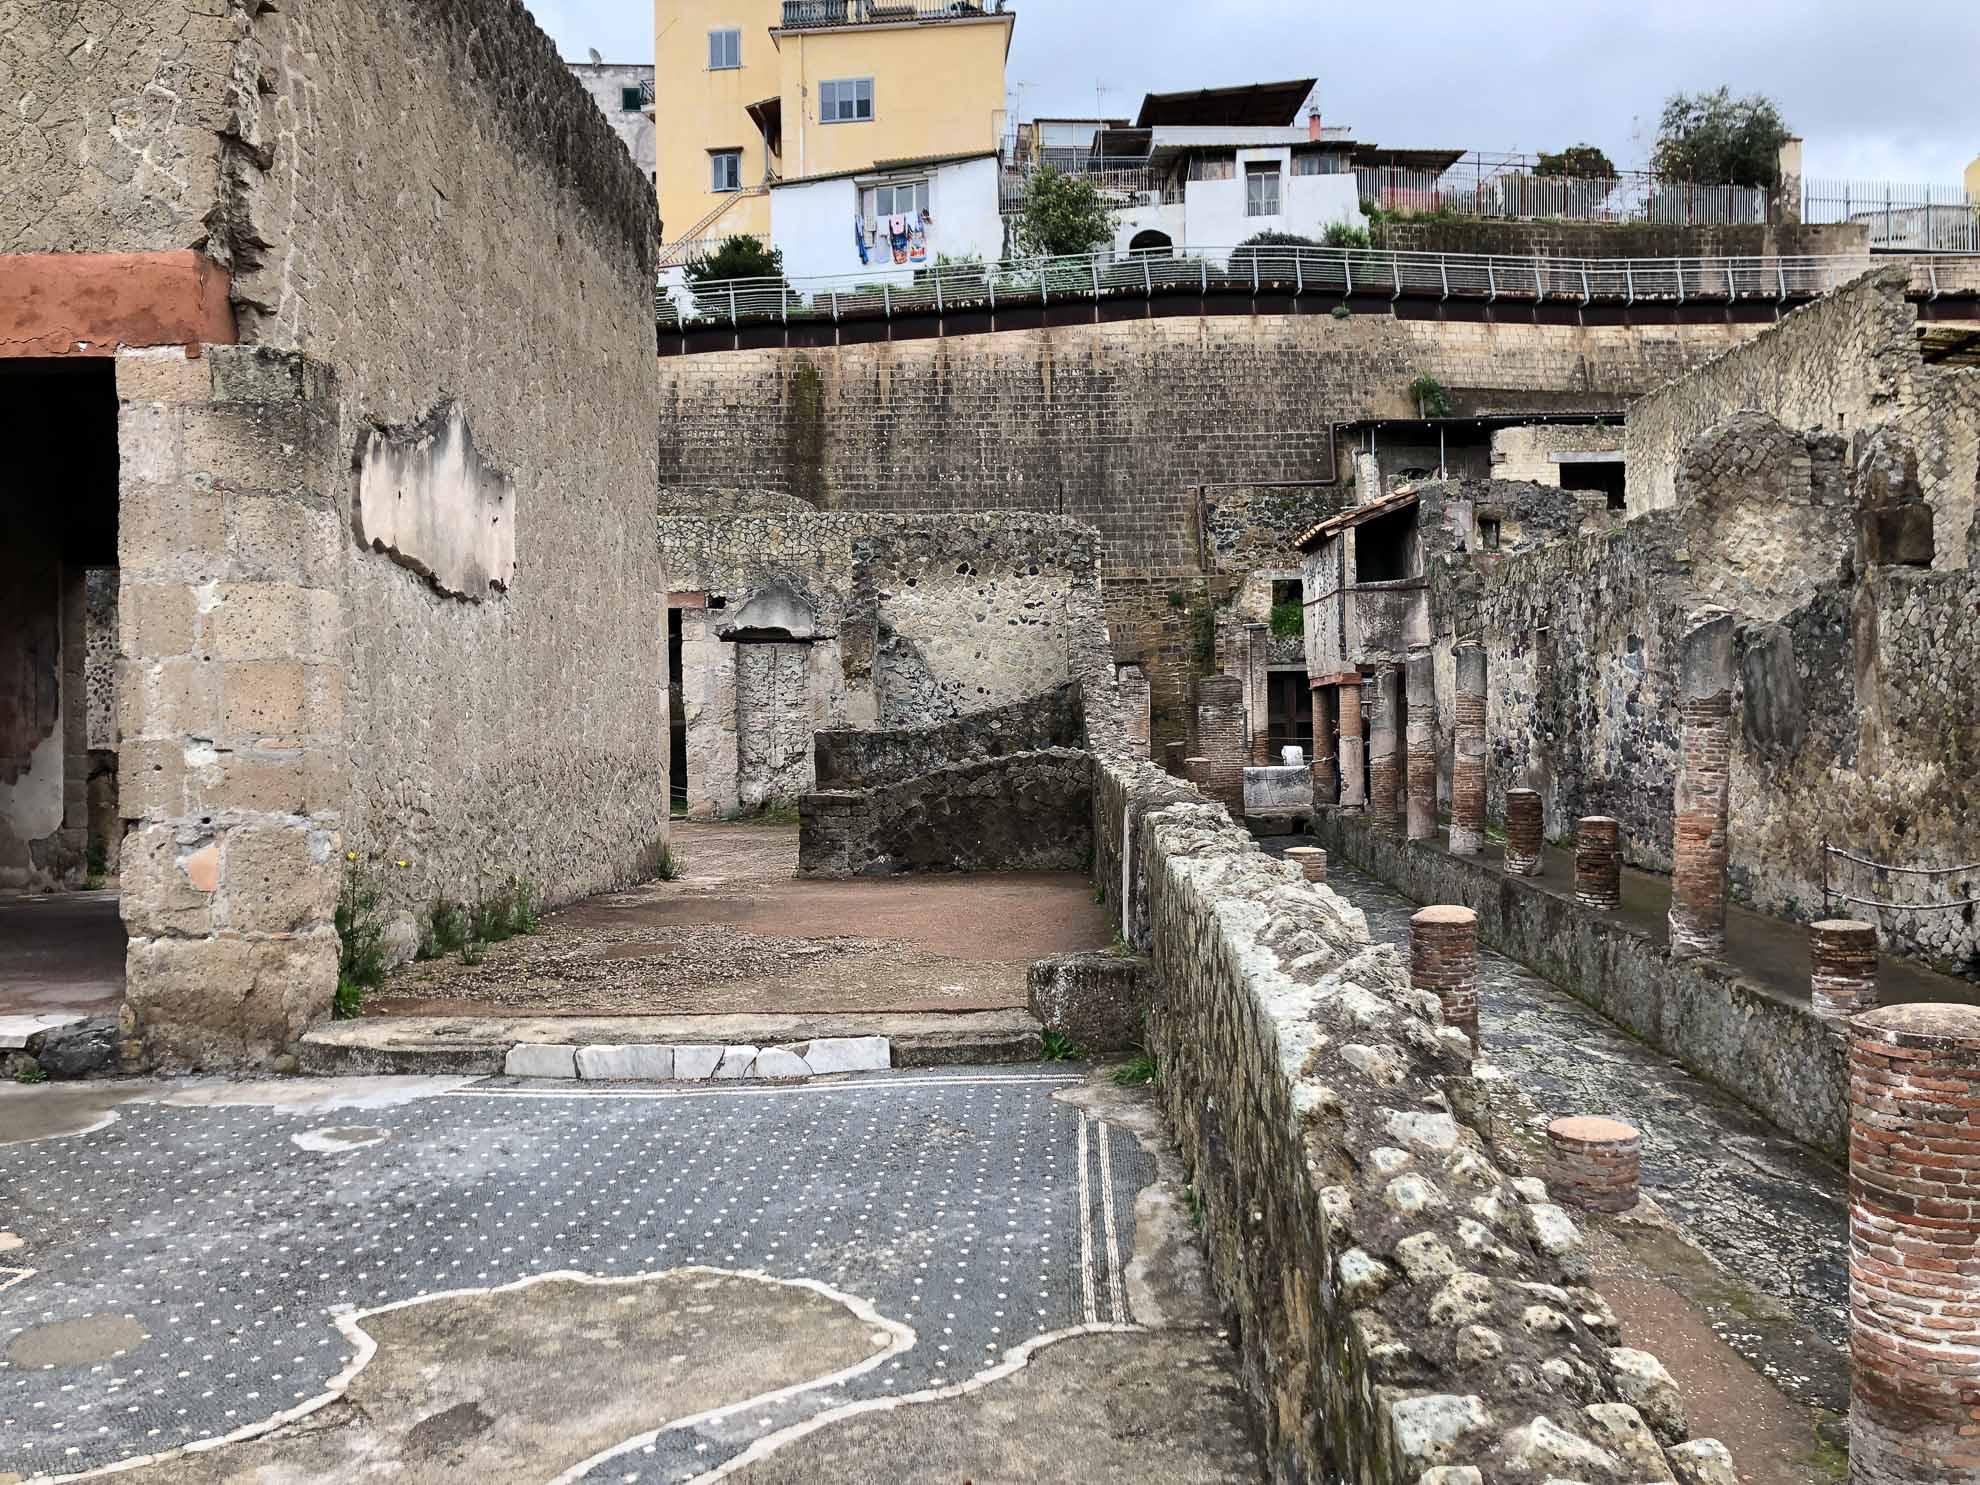 Der heutige Ort heißt Ercolano, zum Gipfel des Vesuv sind es nur rund 7 Kilometer.